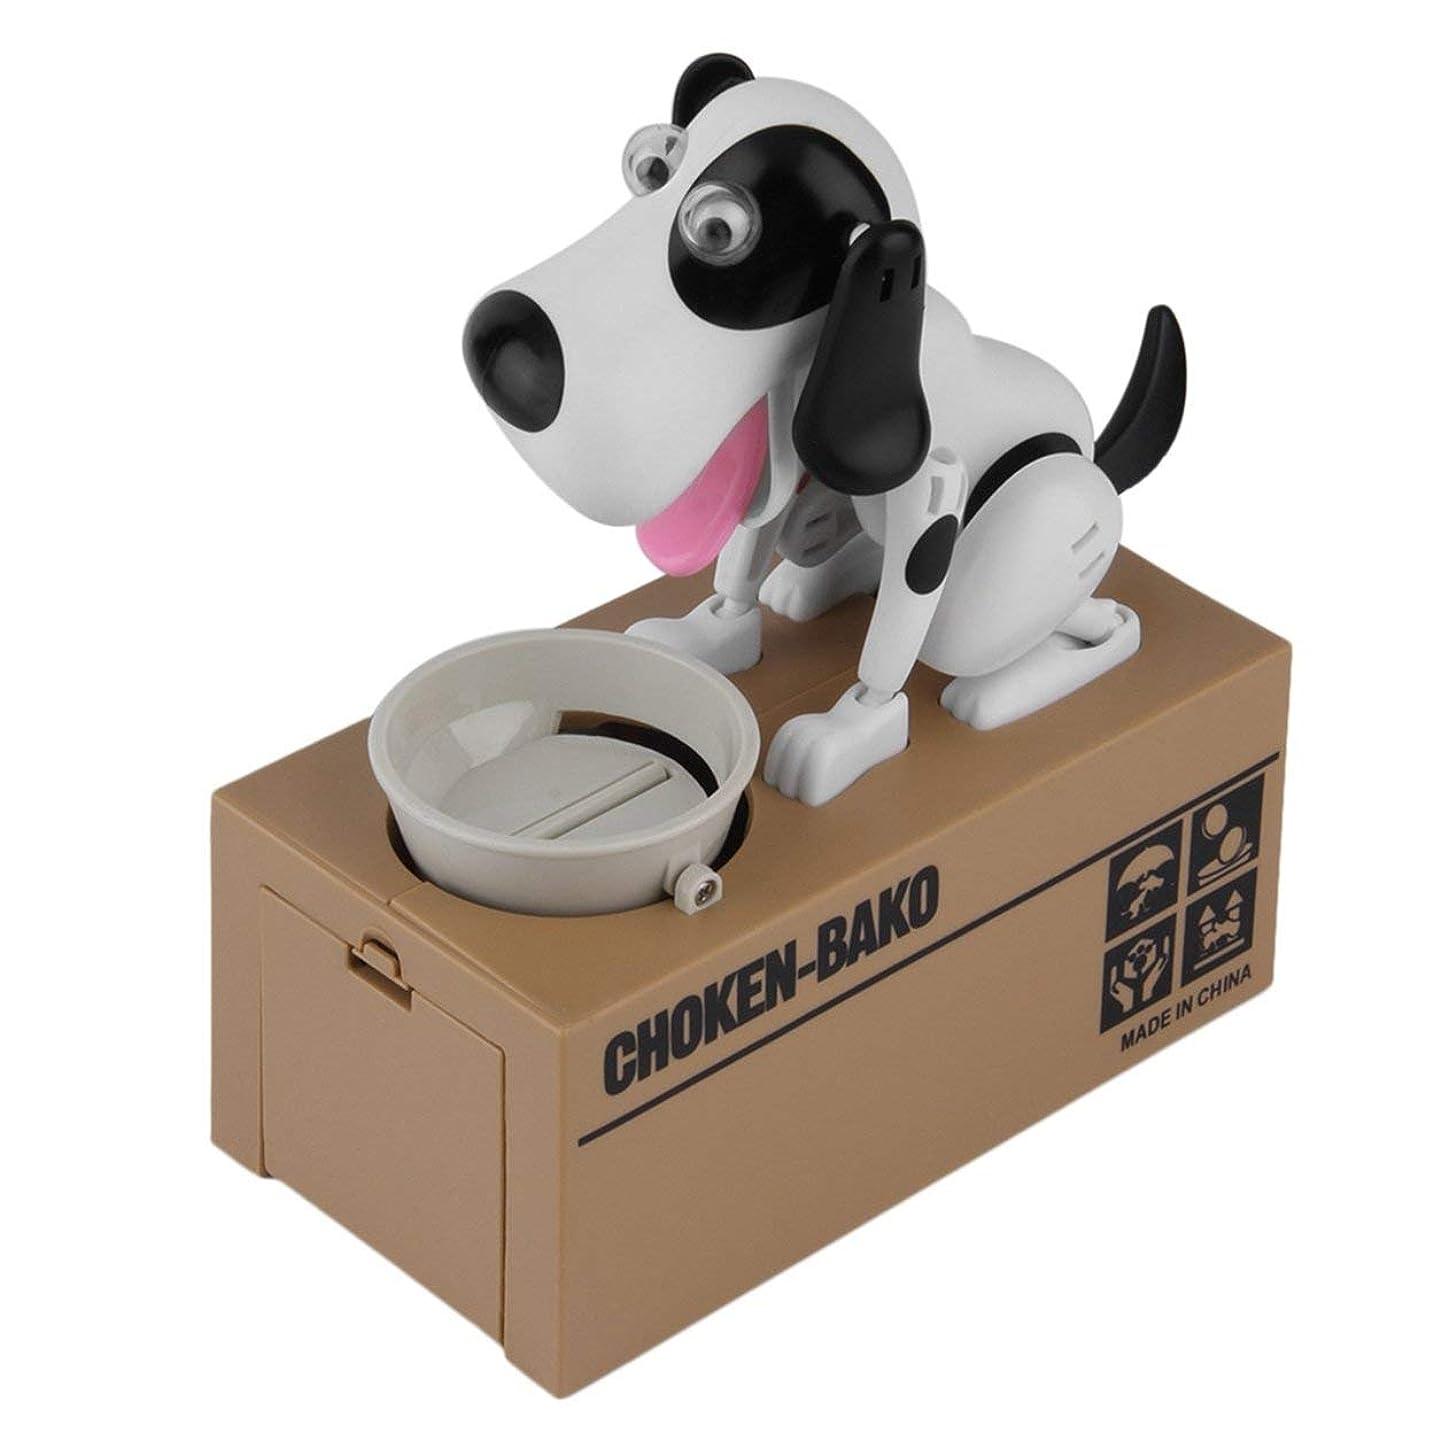 の地平線必要性Saikogoods 耐久性に優れたロボット犬貯金箱自動コインマネーバンクかわいい犬モデルマネーバンクマネーセービングボックスコインボックスを盗みました 黒+白